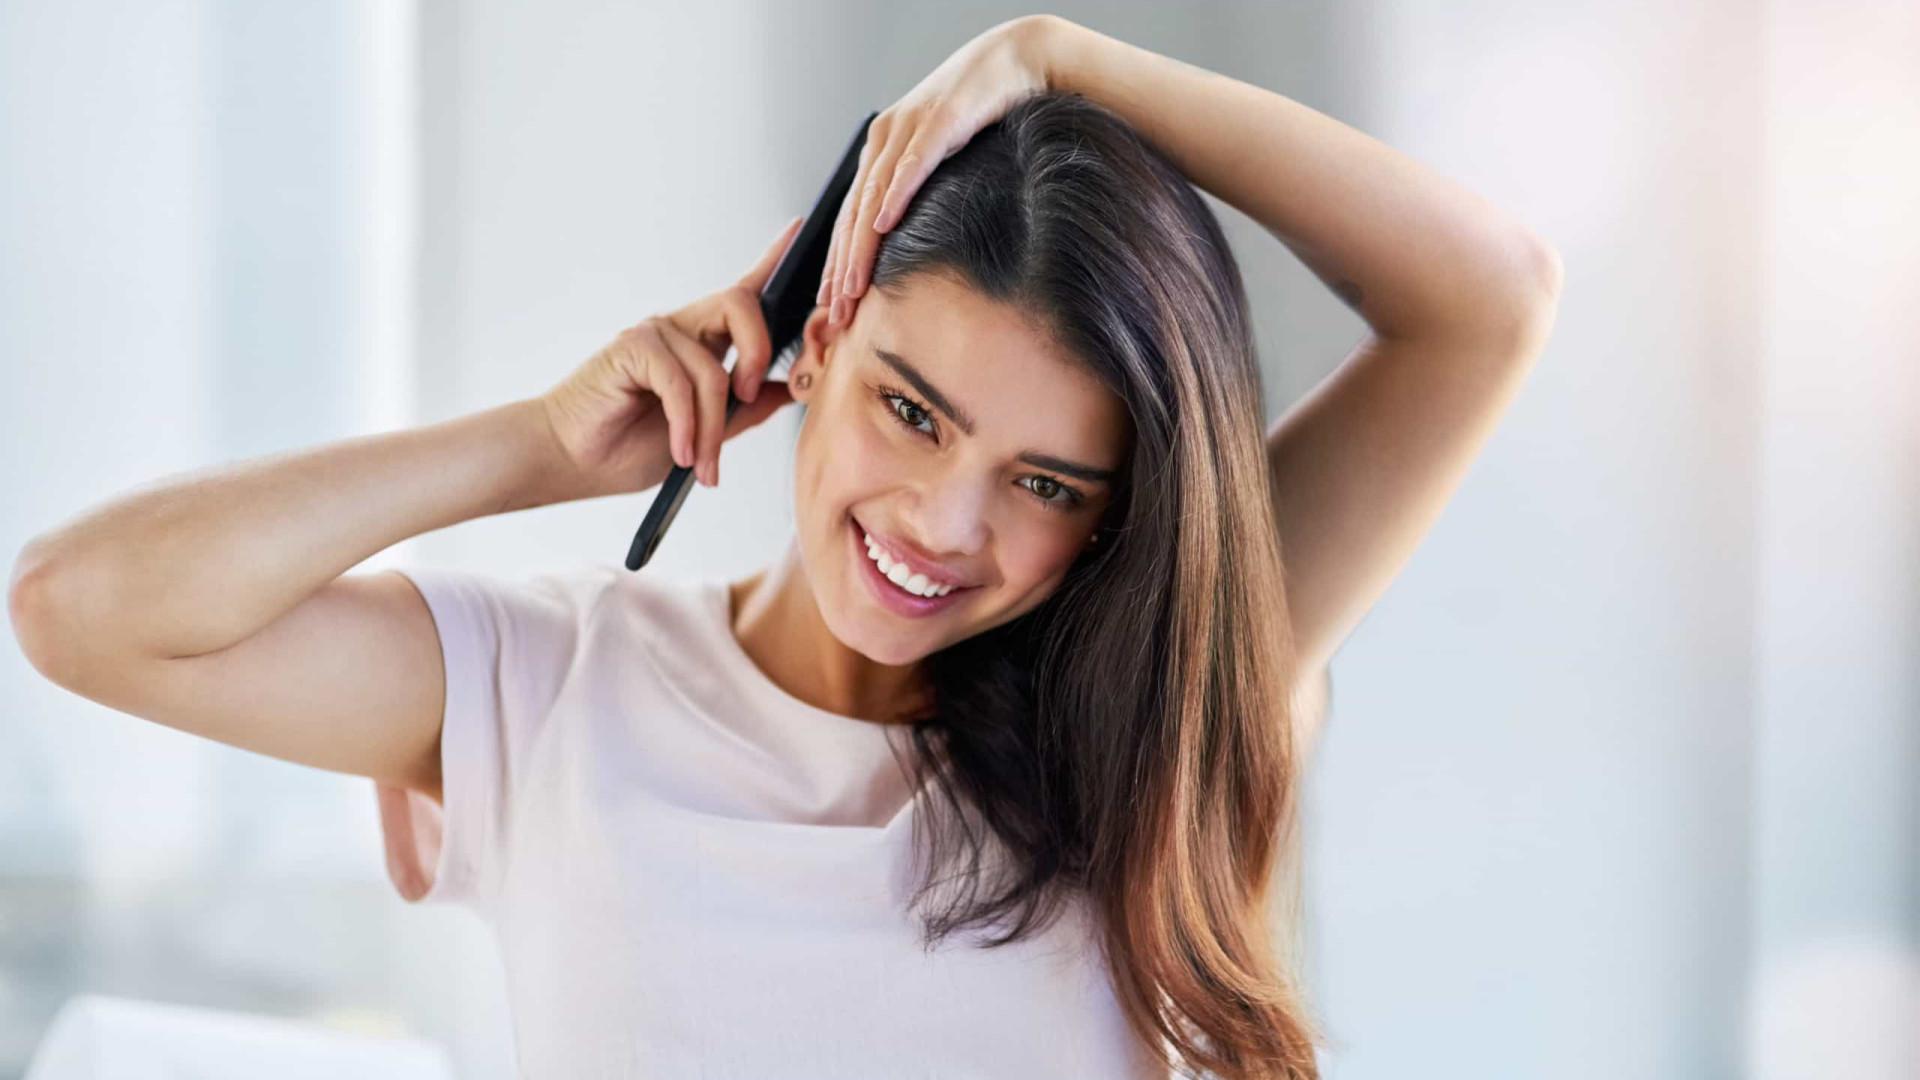 Os quatro erros mais comuns que cometemos ao pentear o cabelo